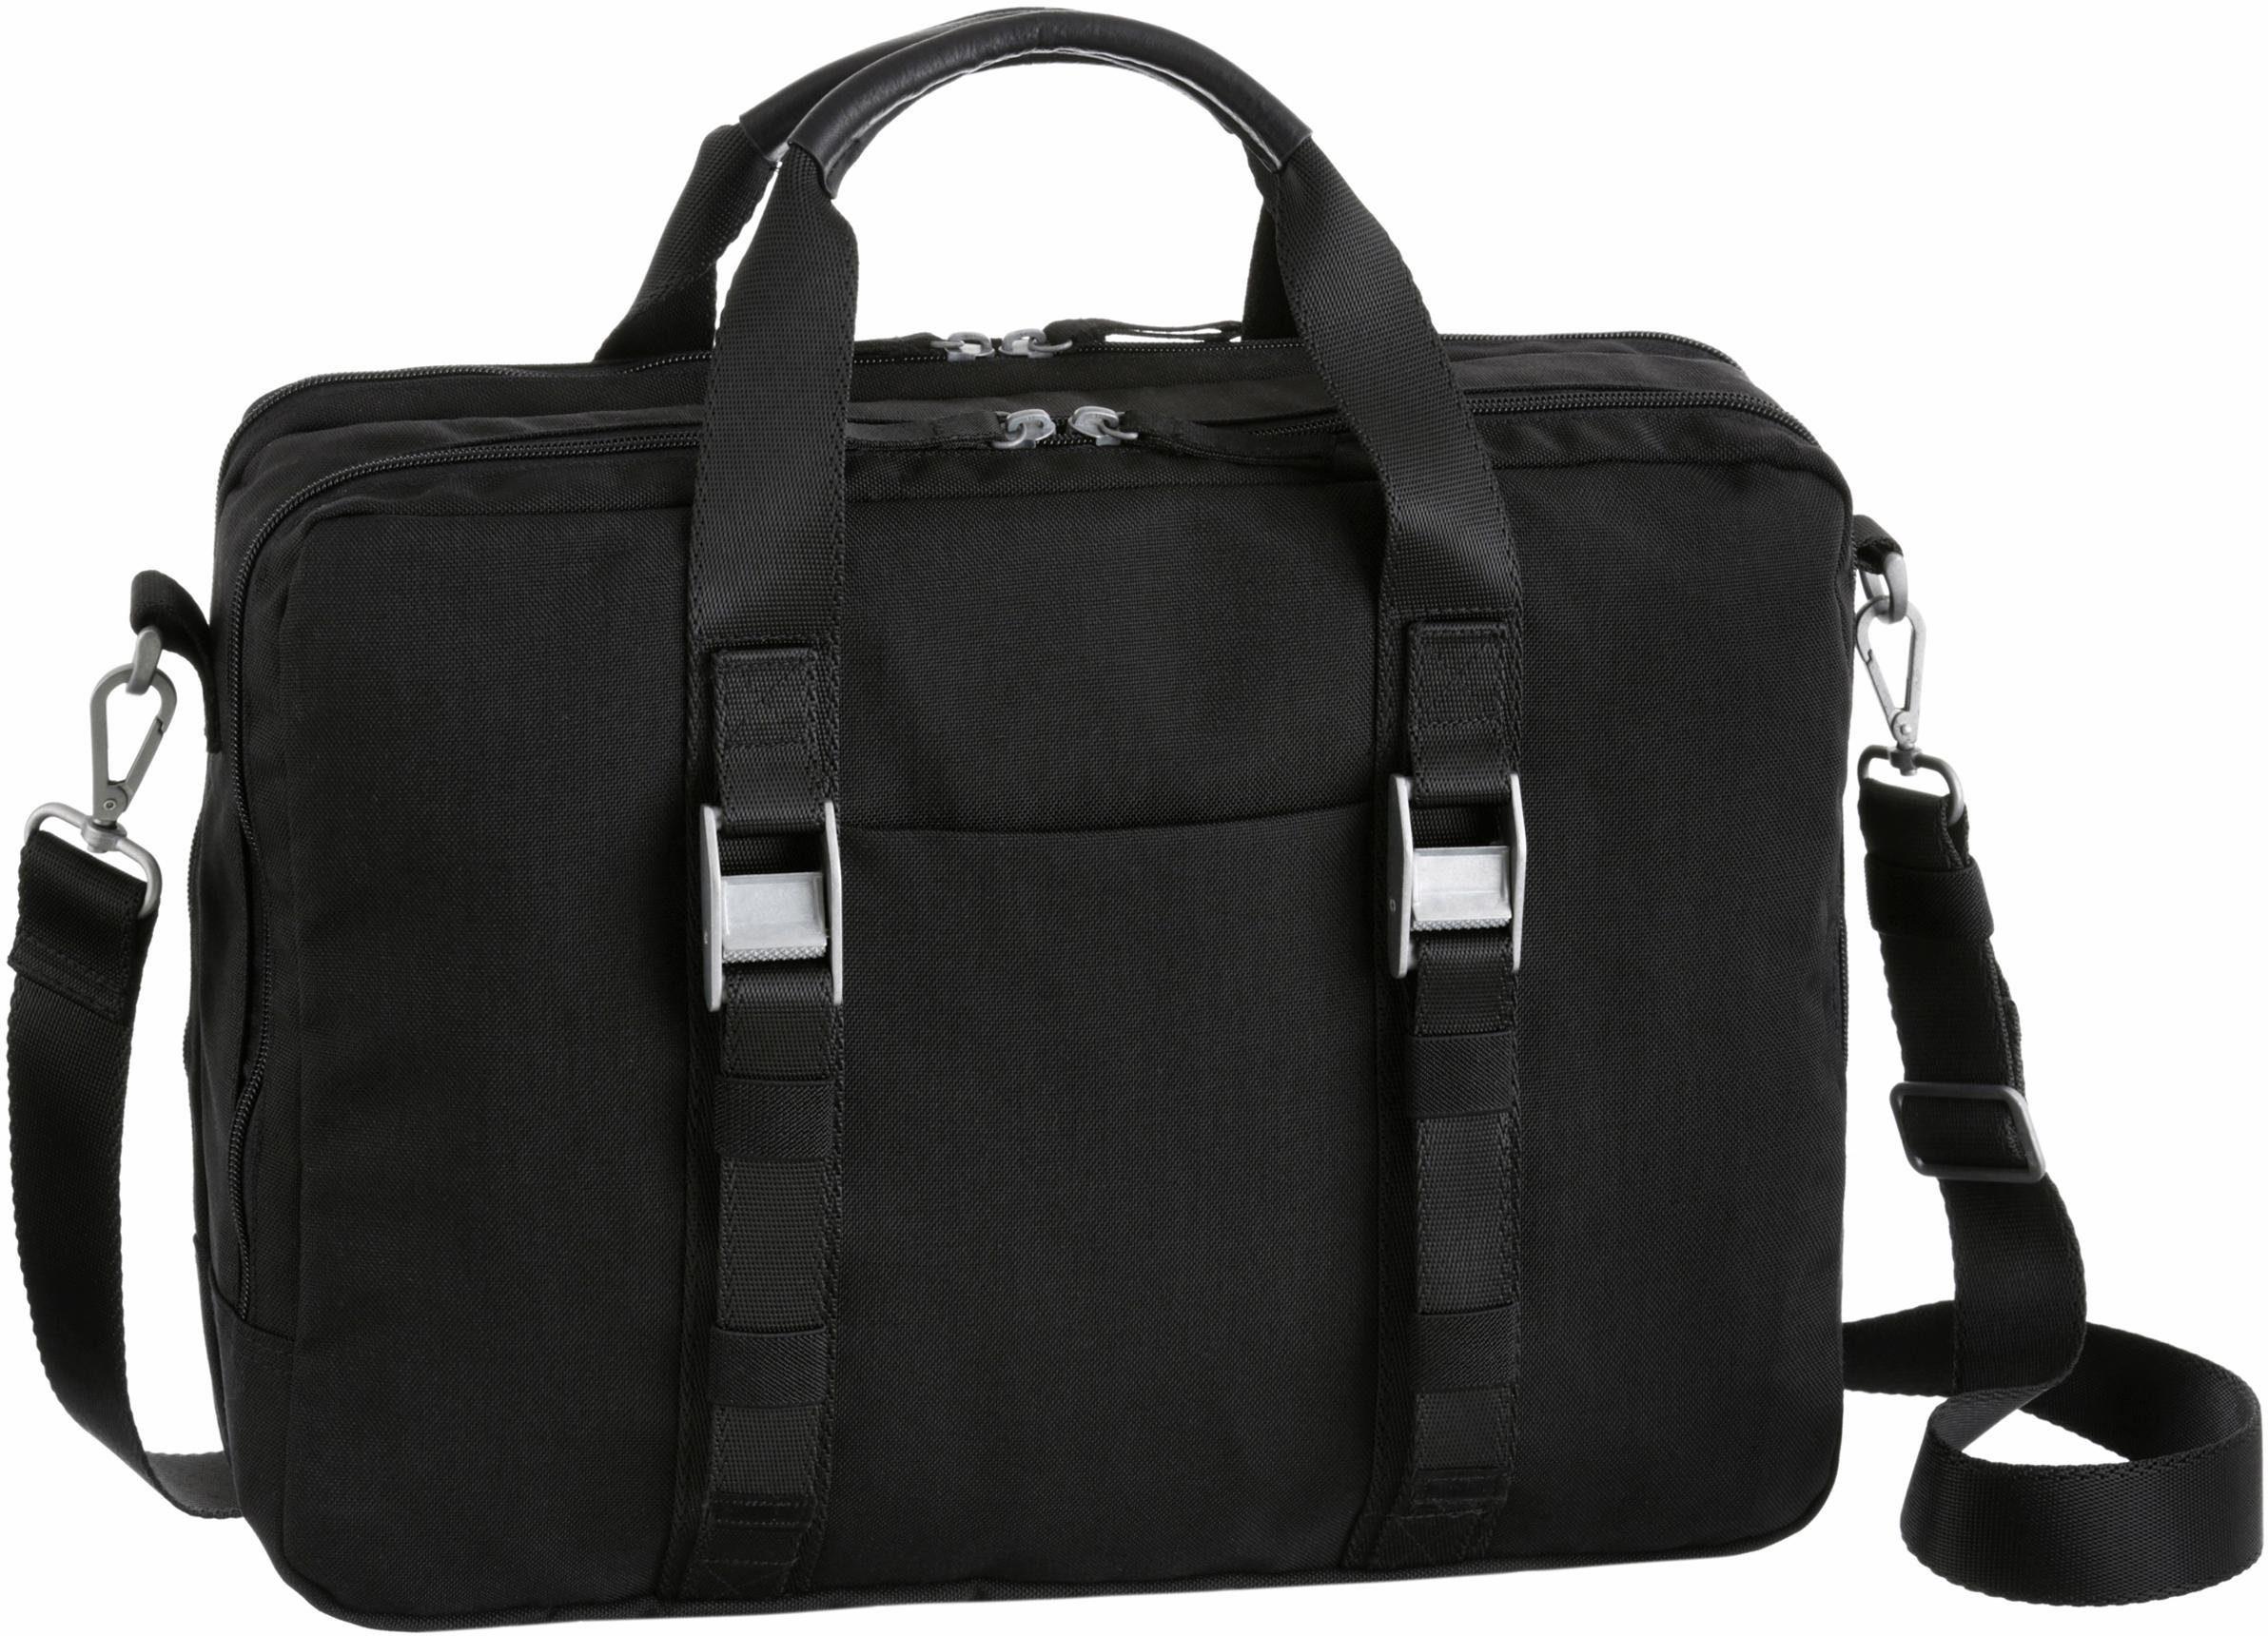 CARGO Businesstasche mit 13-Zoll Laptopfach, »Cargo 101, schwarz, 2 Fächer«